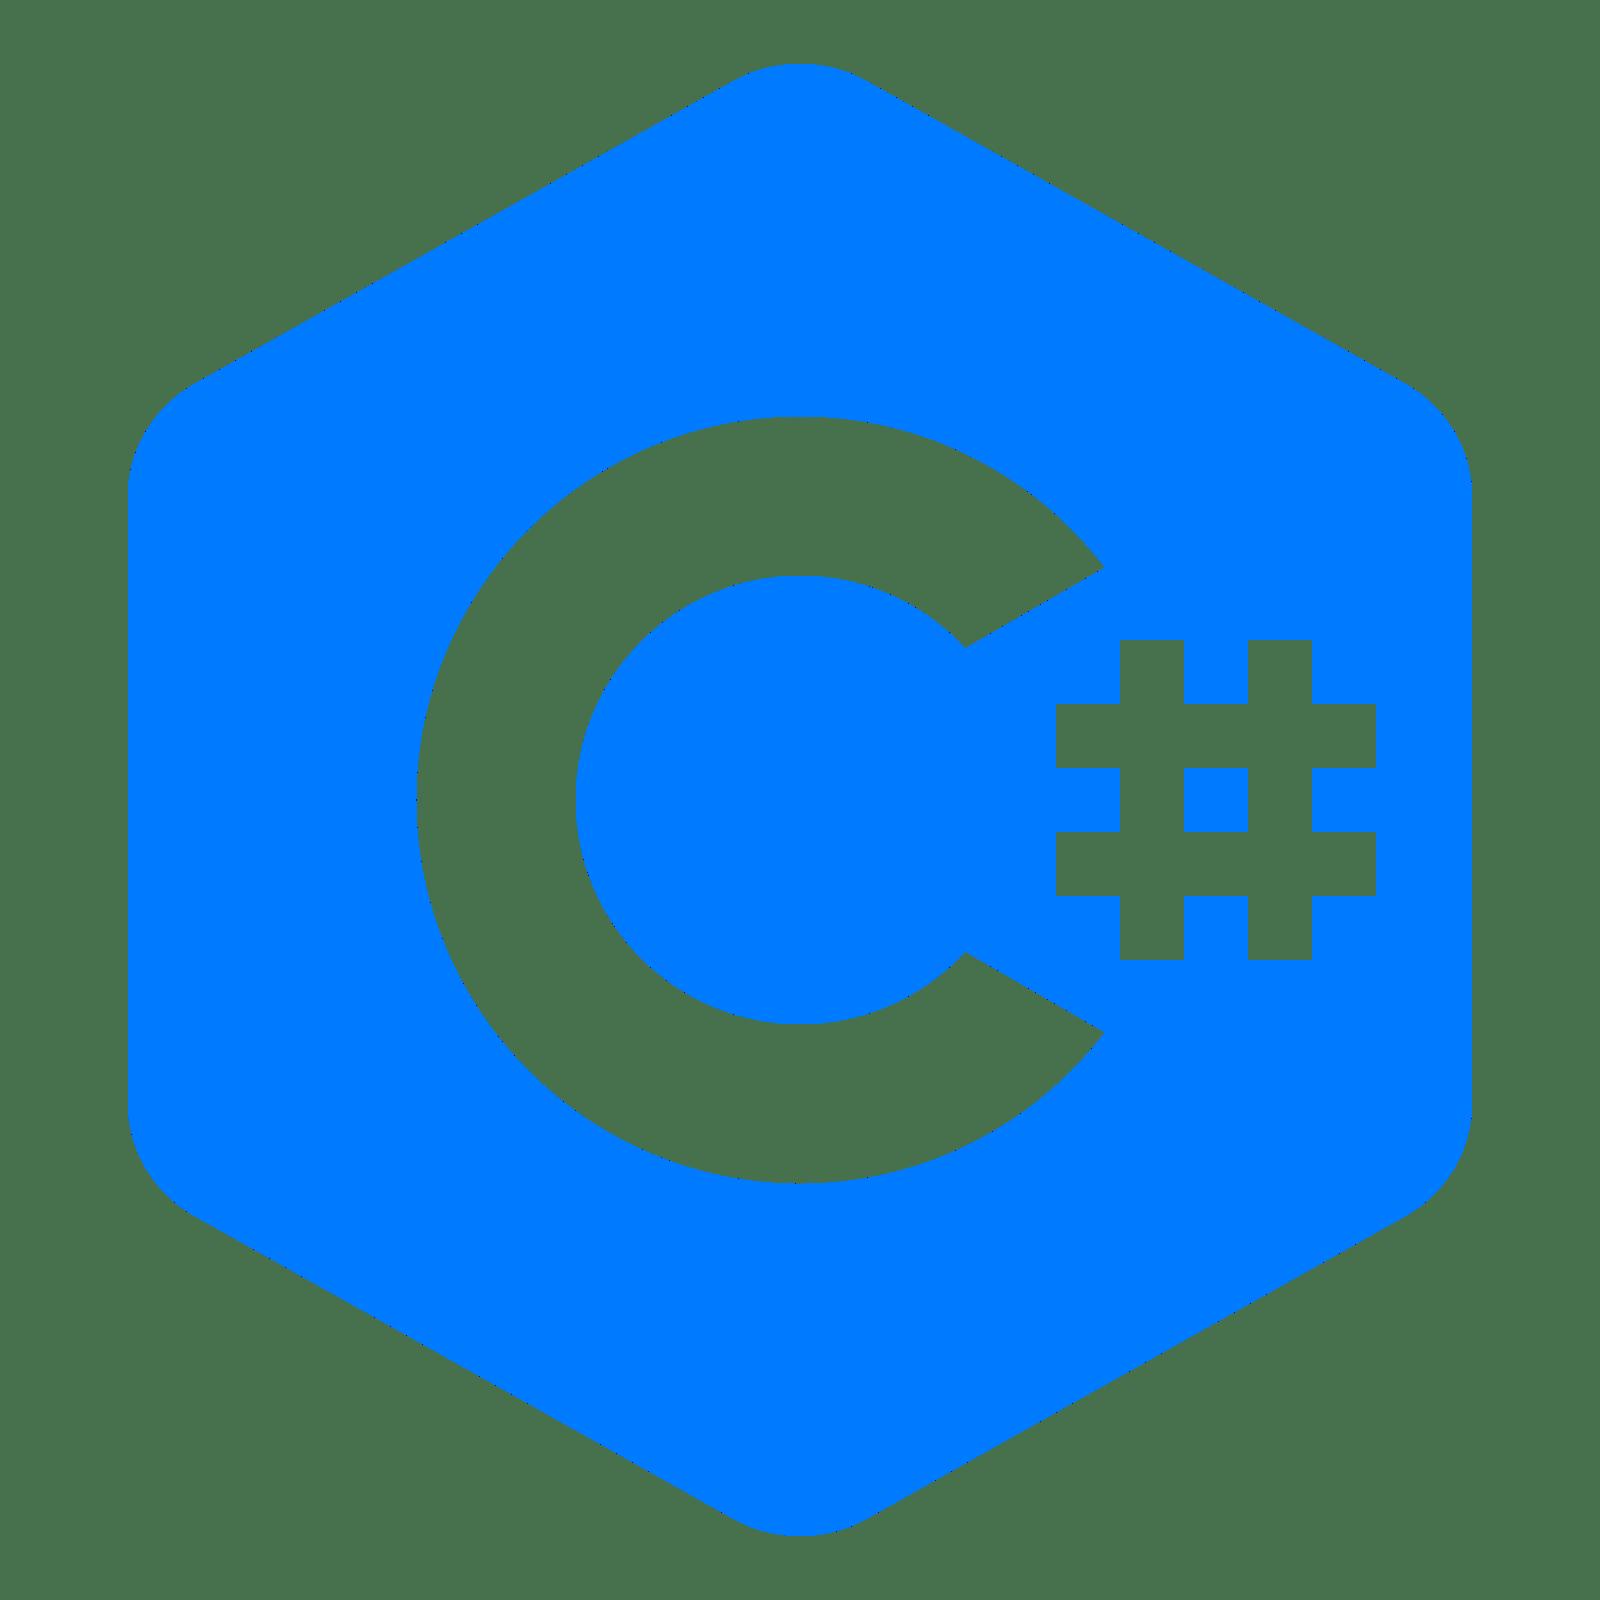 Share khóa học lập trình C# trị giá 600K